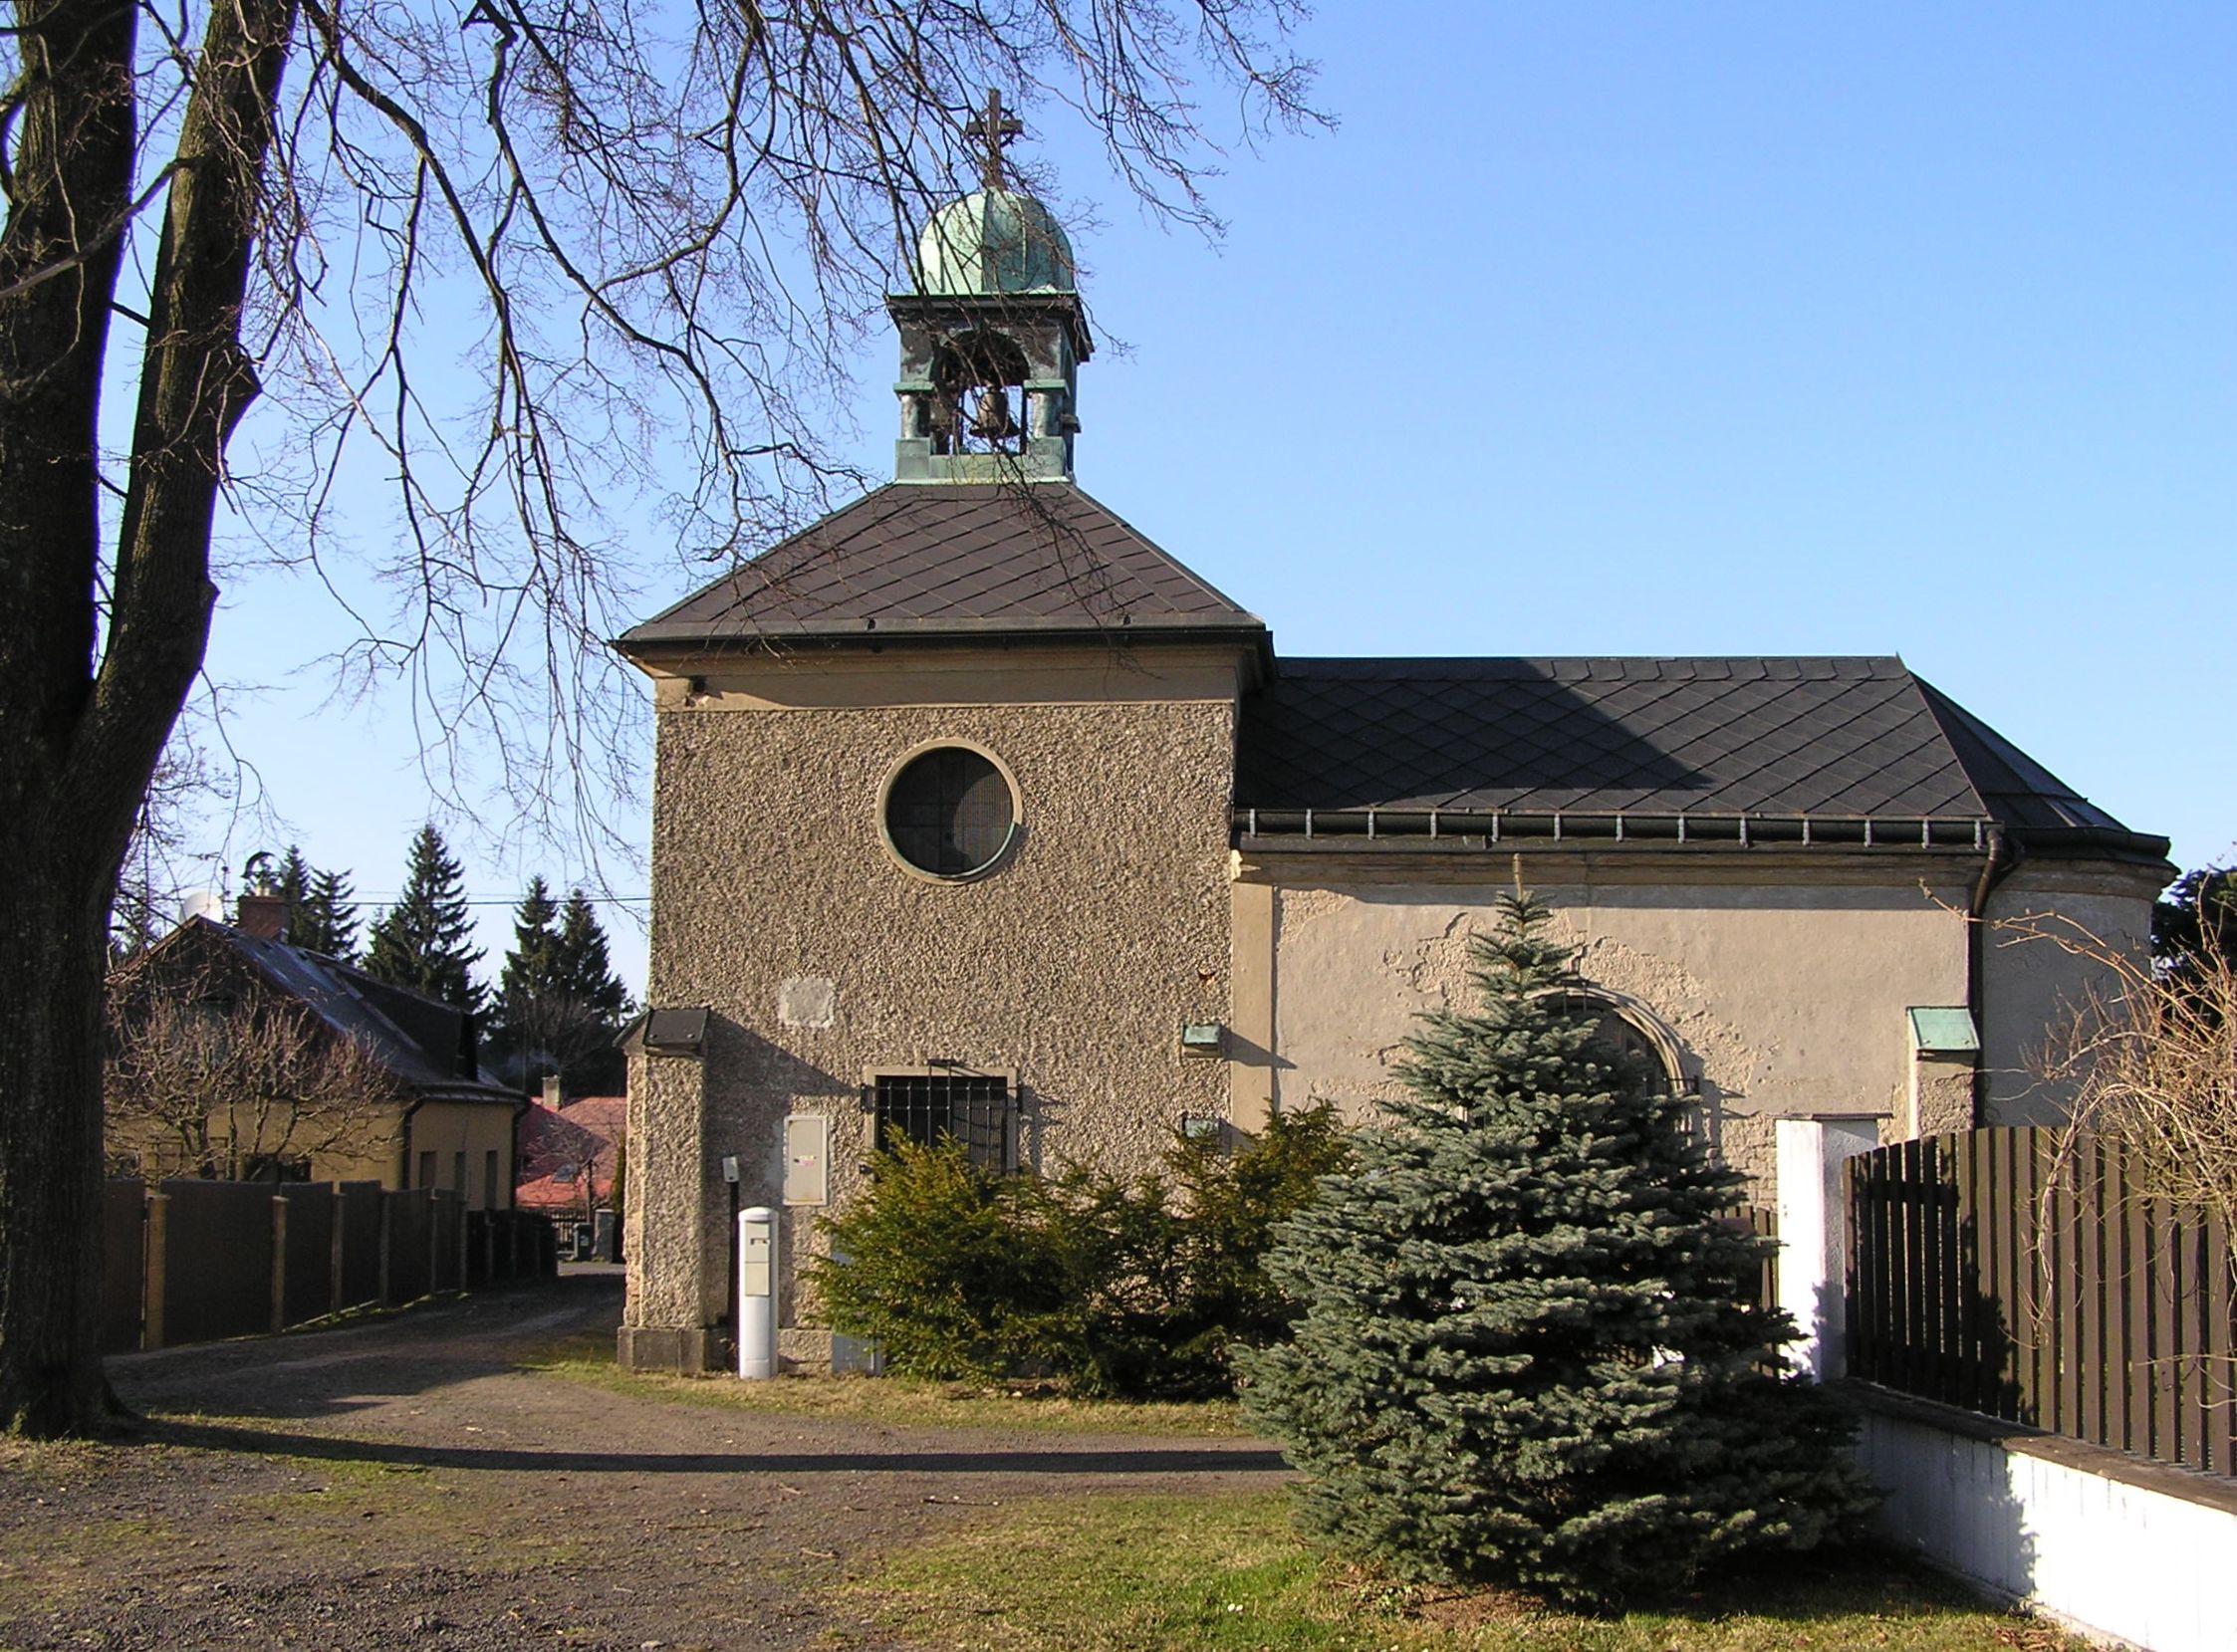 kaple kopec připojení